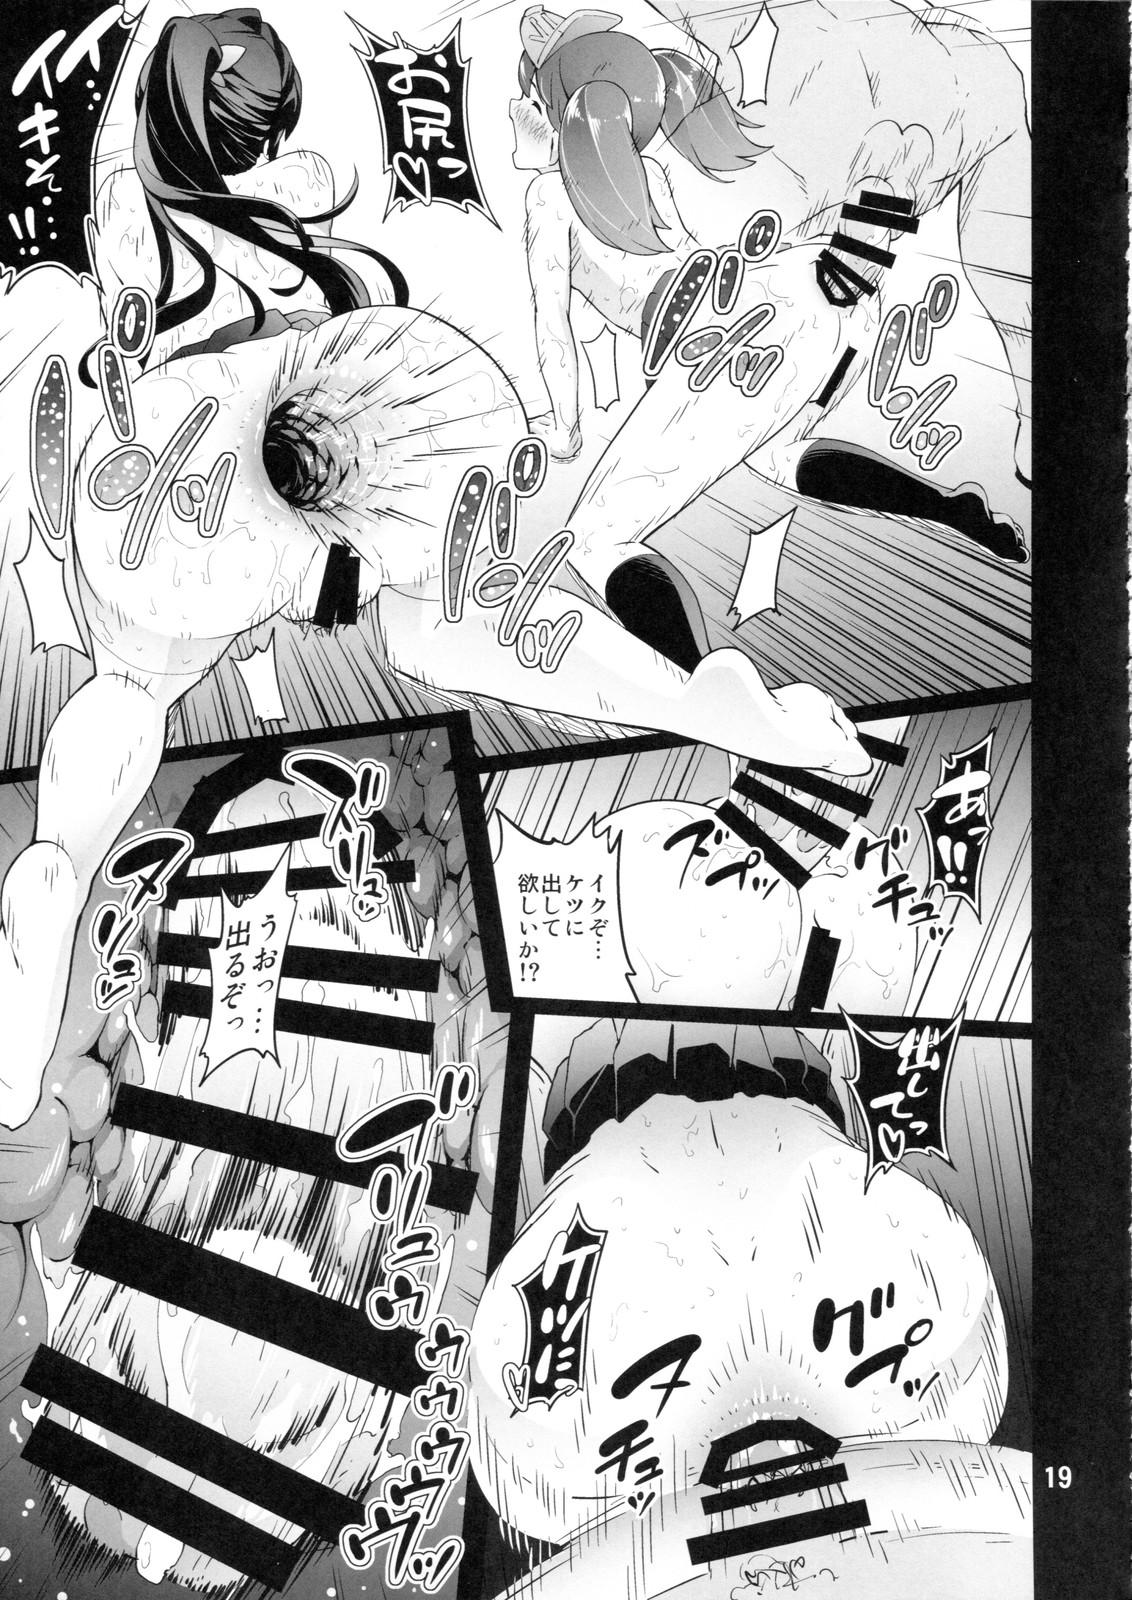 【エロ同人誌】閲覧注意!!鳳翔と龍驤がハードスカトロ乱交でグチョグチョにwww【艦隊これくしょん -艦これ-/C93】